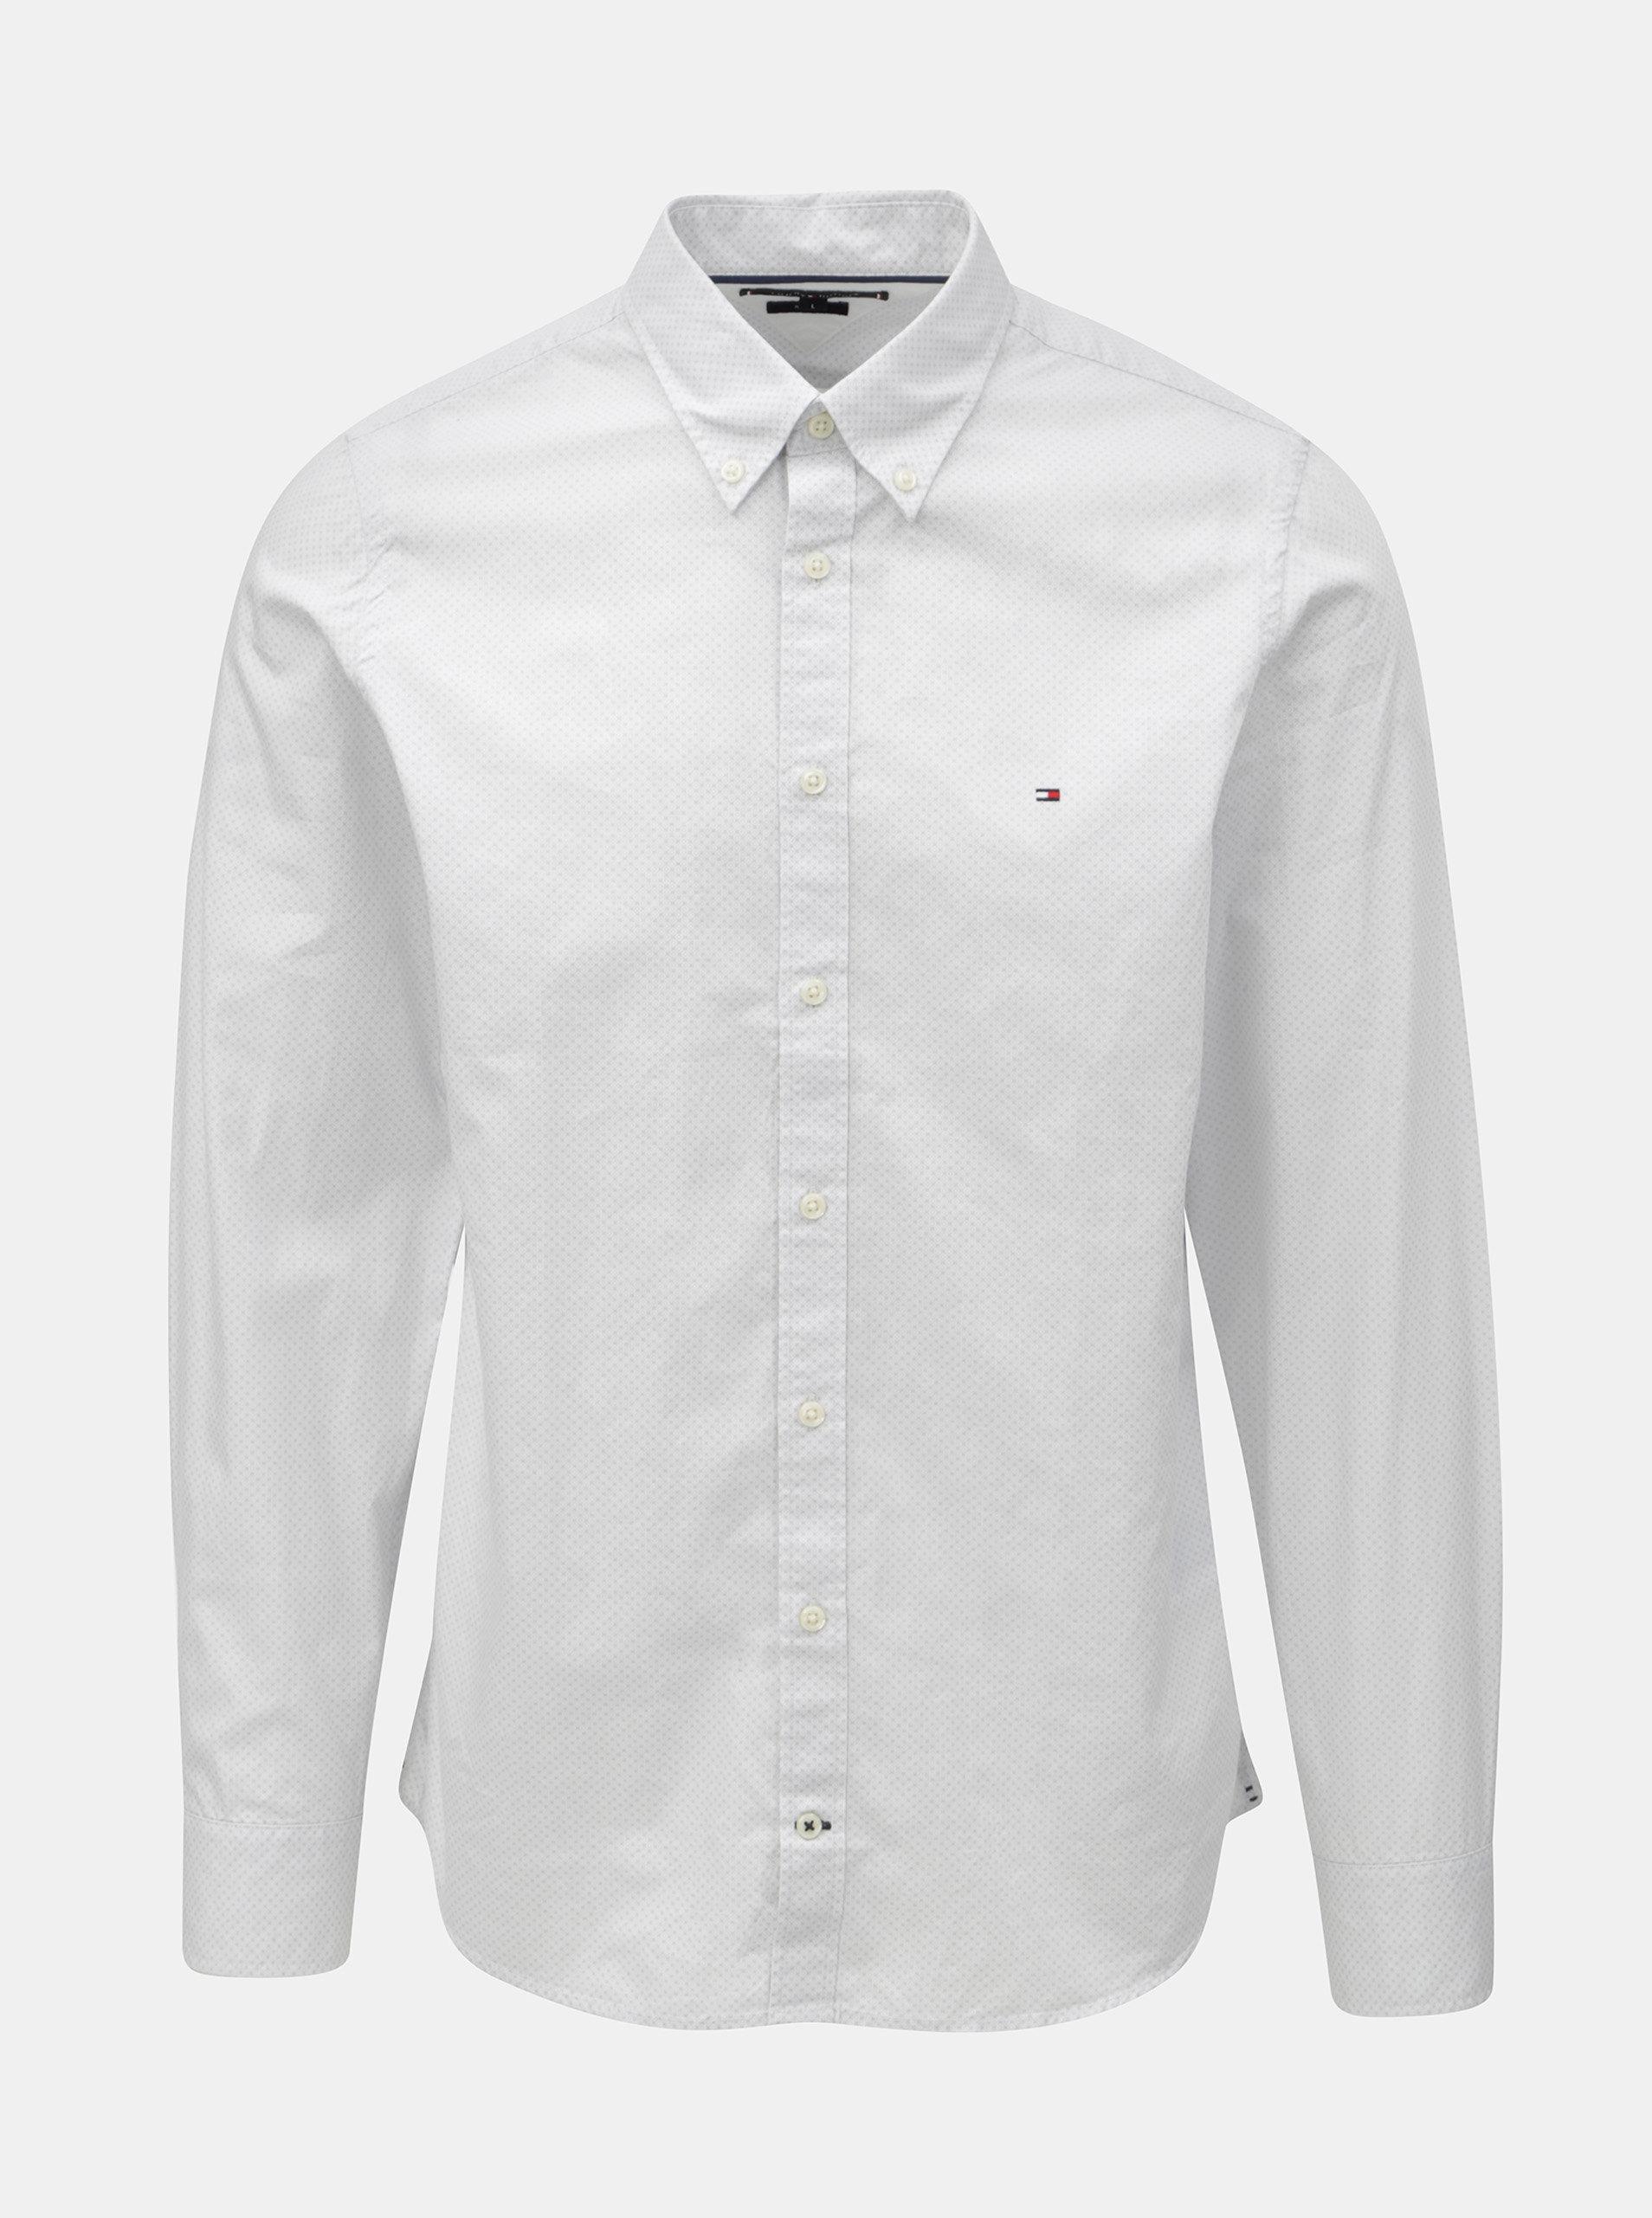 Světle šedá pánská slim fit košile Tommy Hilfiger Diamond ... 9a9c202f19